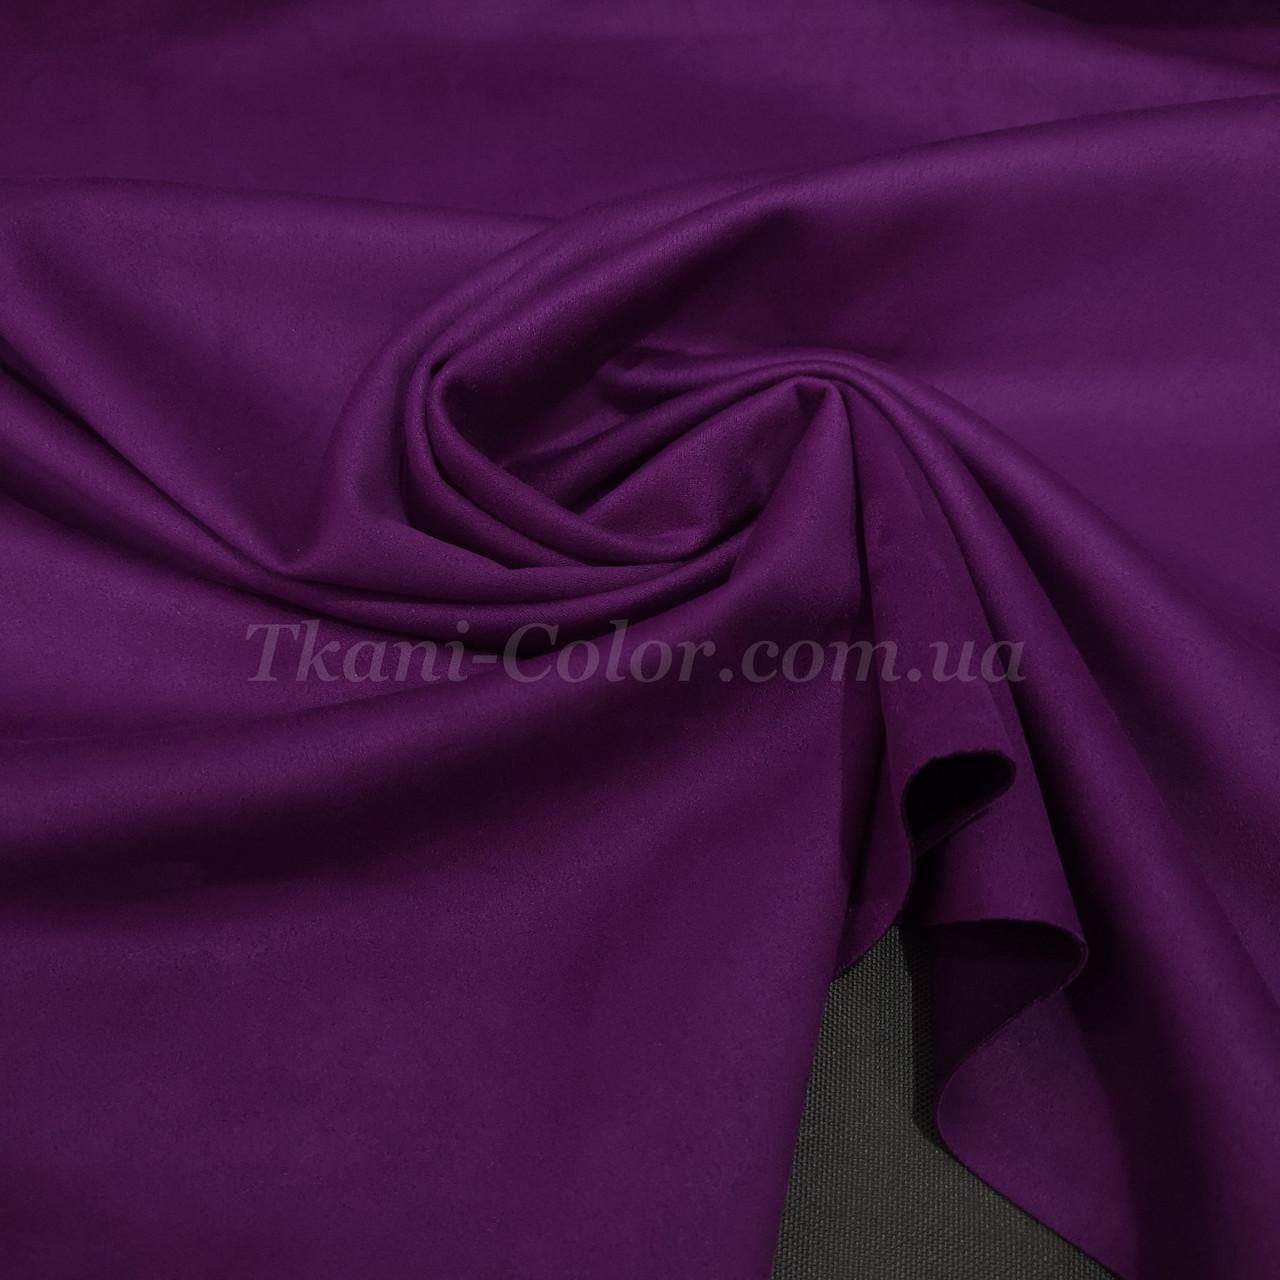 Замша стрейч на дайвінг фіолетовий